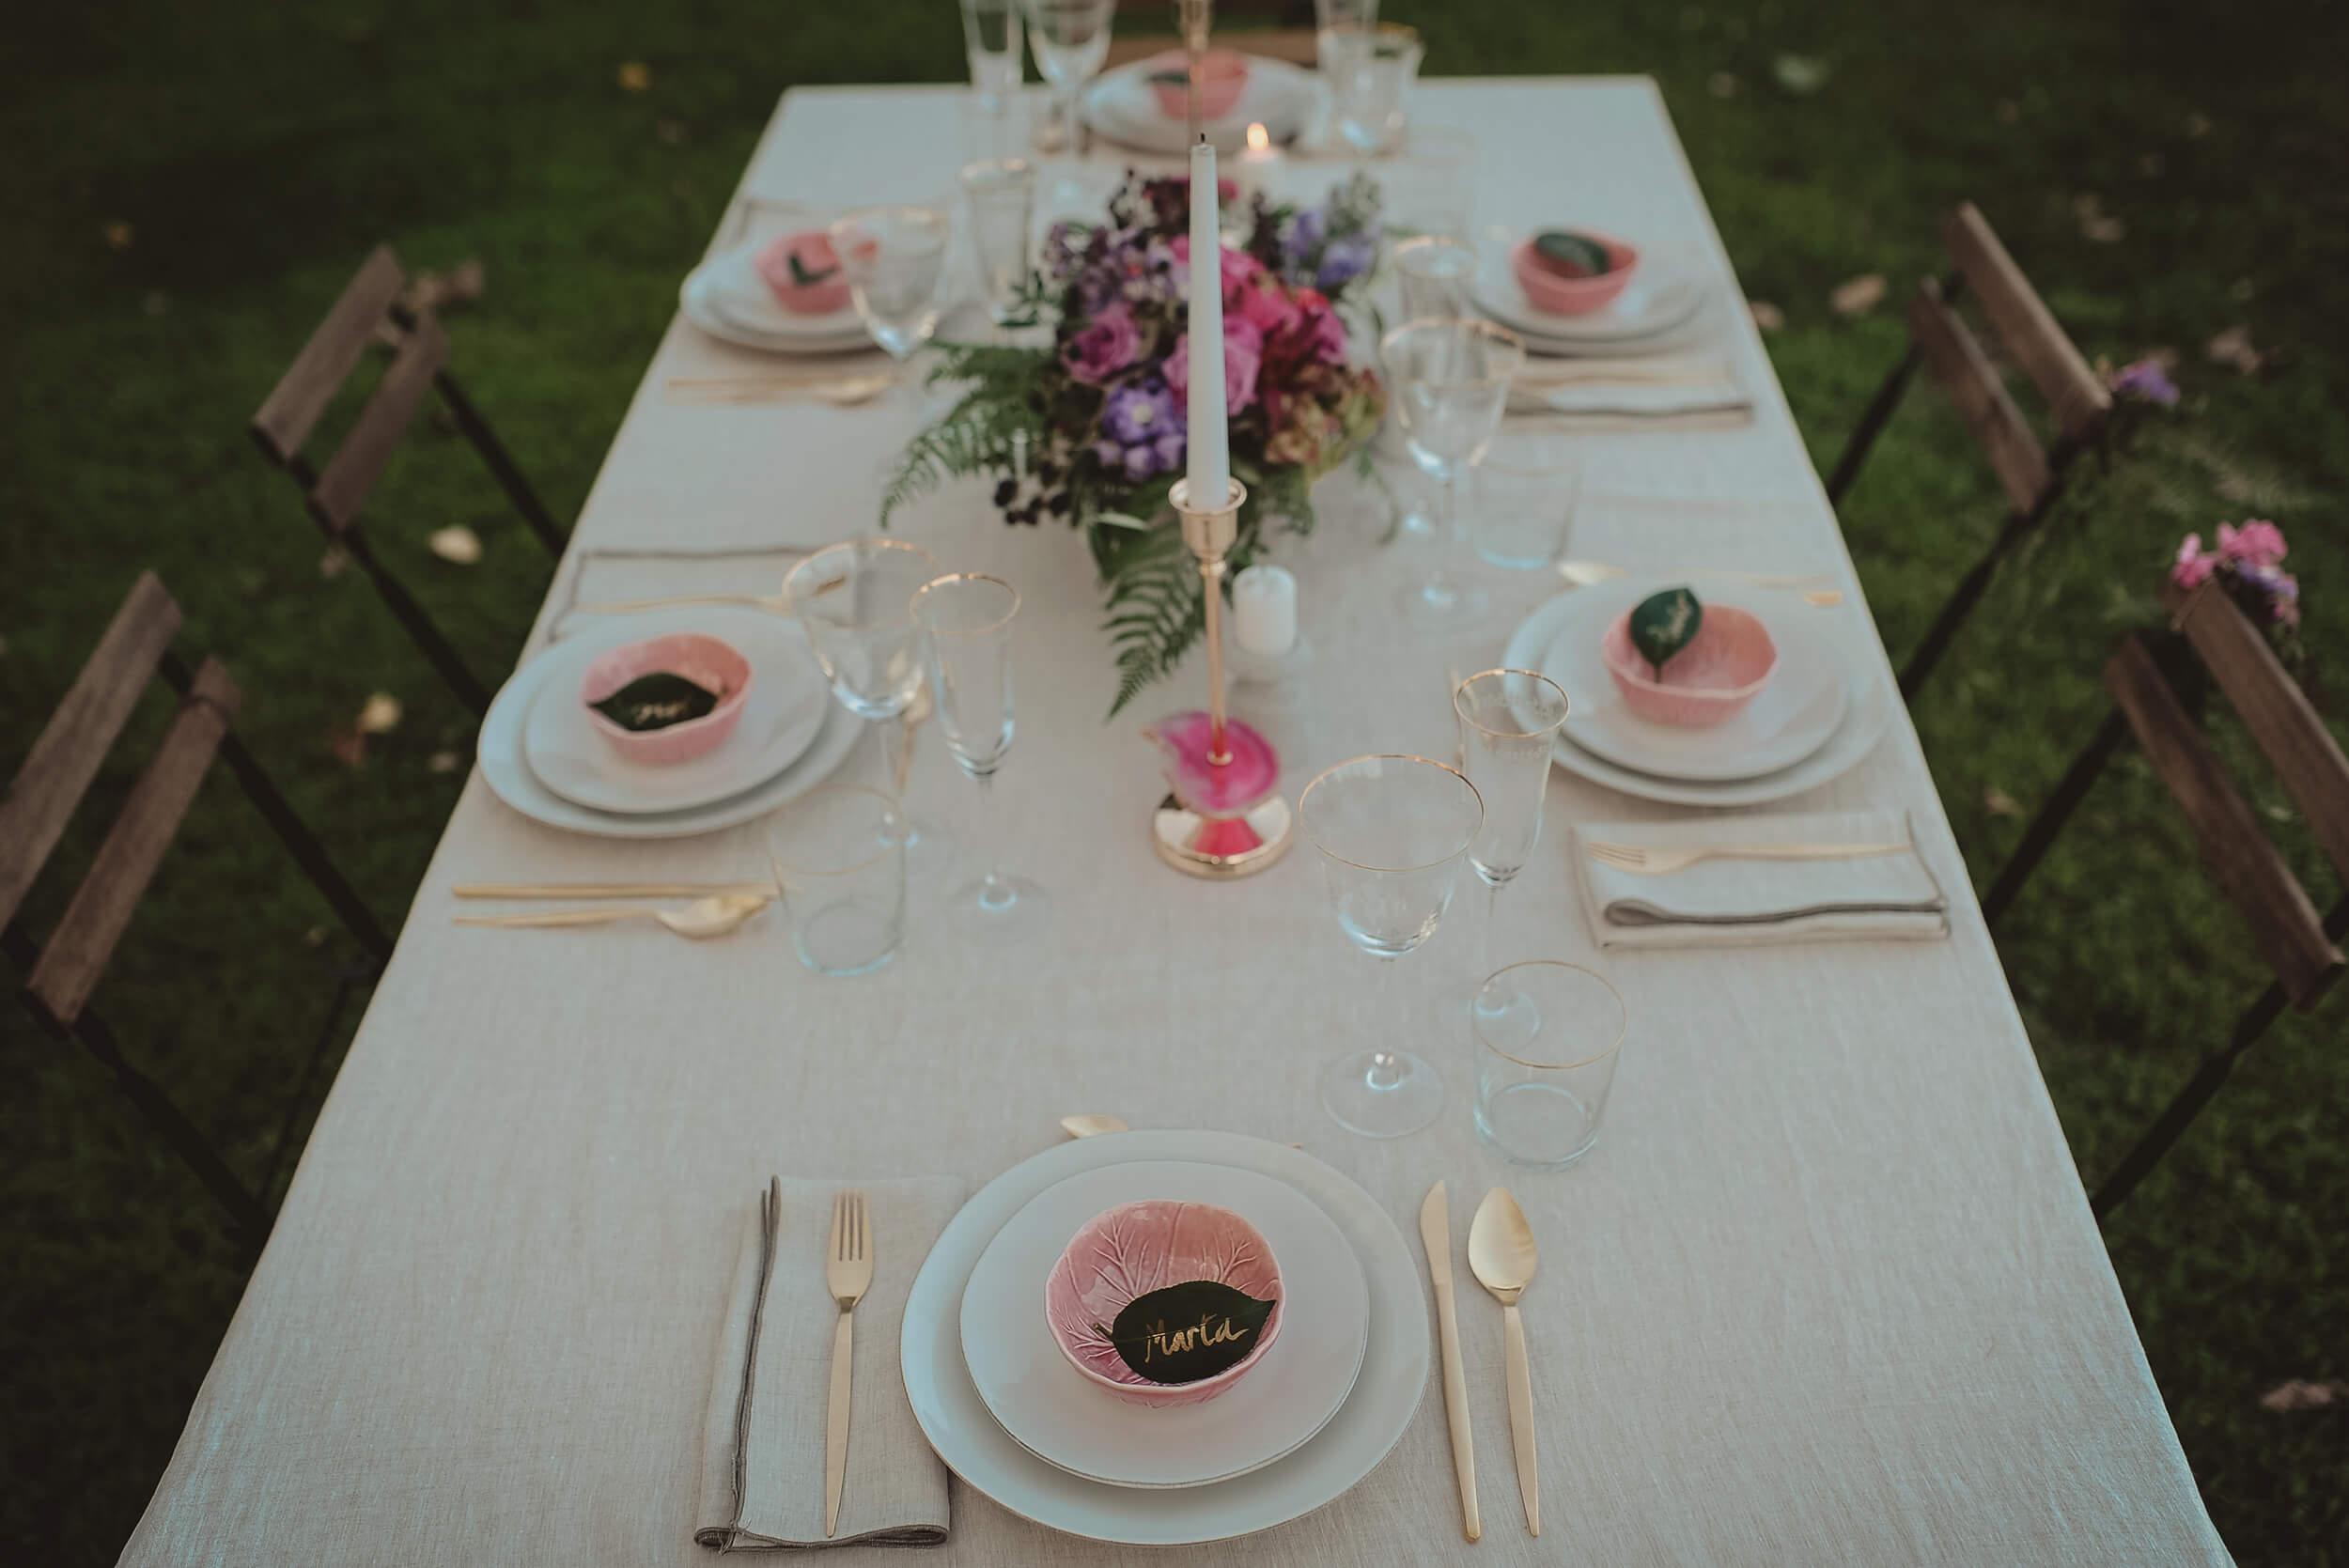 roma-organizacao-eventos-editorial-casamento-colorful-wedding-44